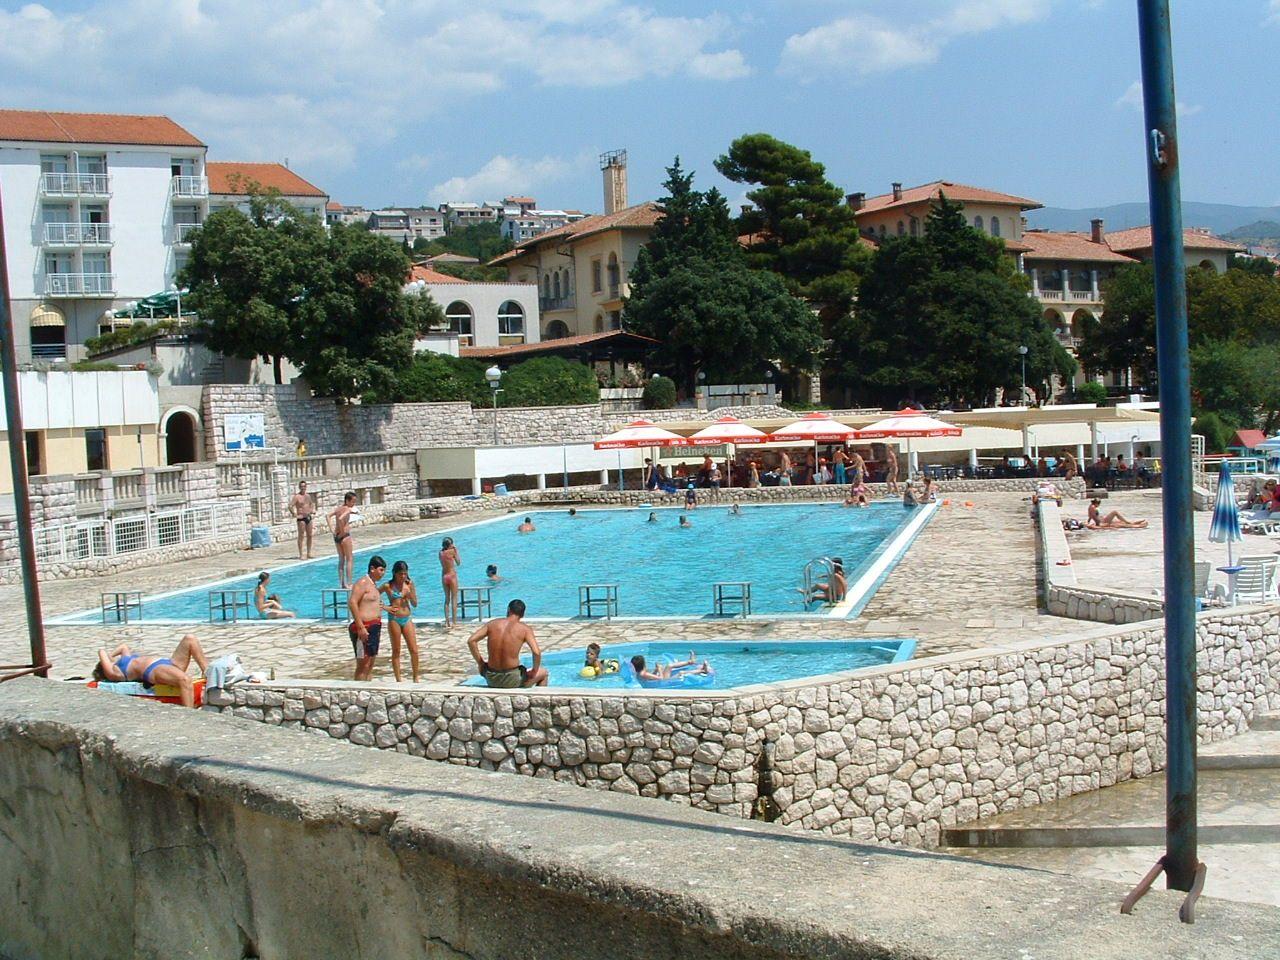 Novi vinodolski hotel li ajn va e z jezdy for Hotel design ligurie